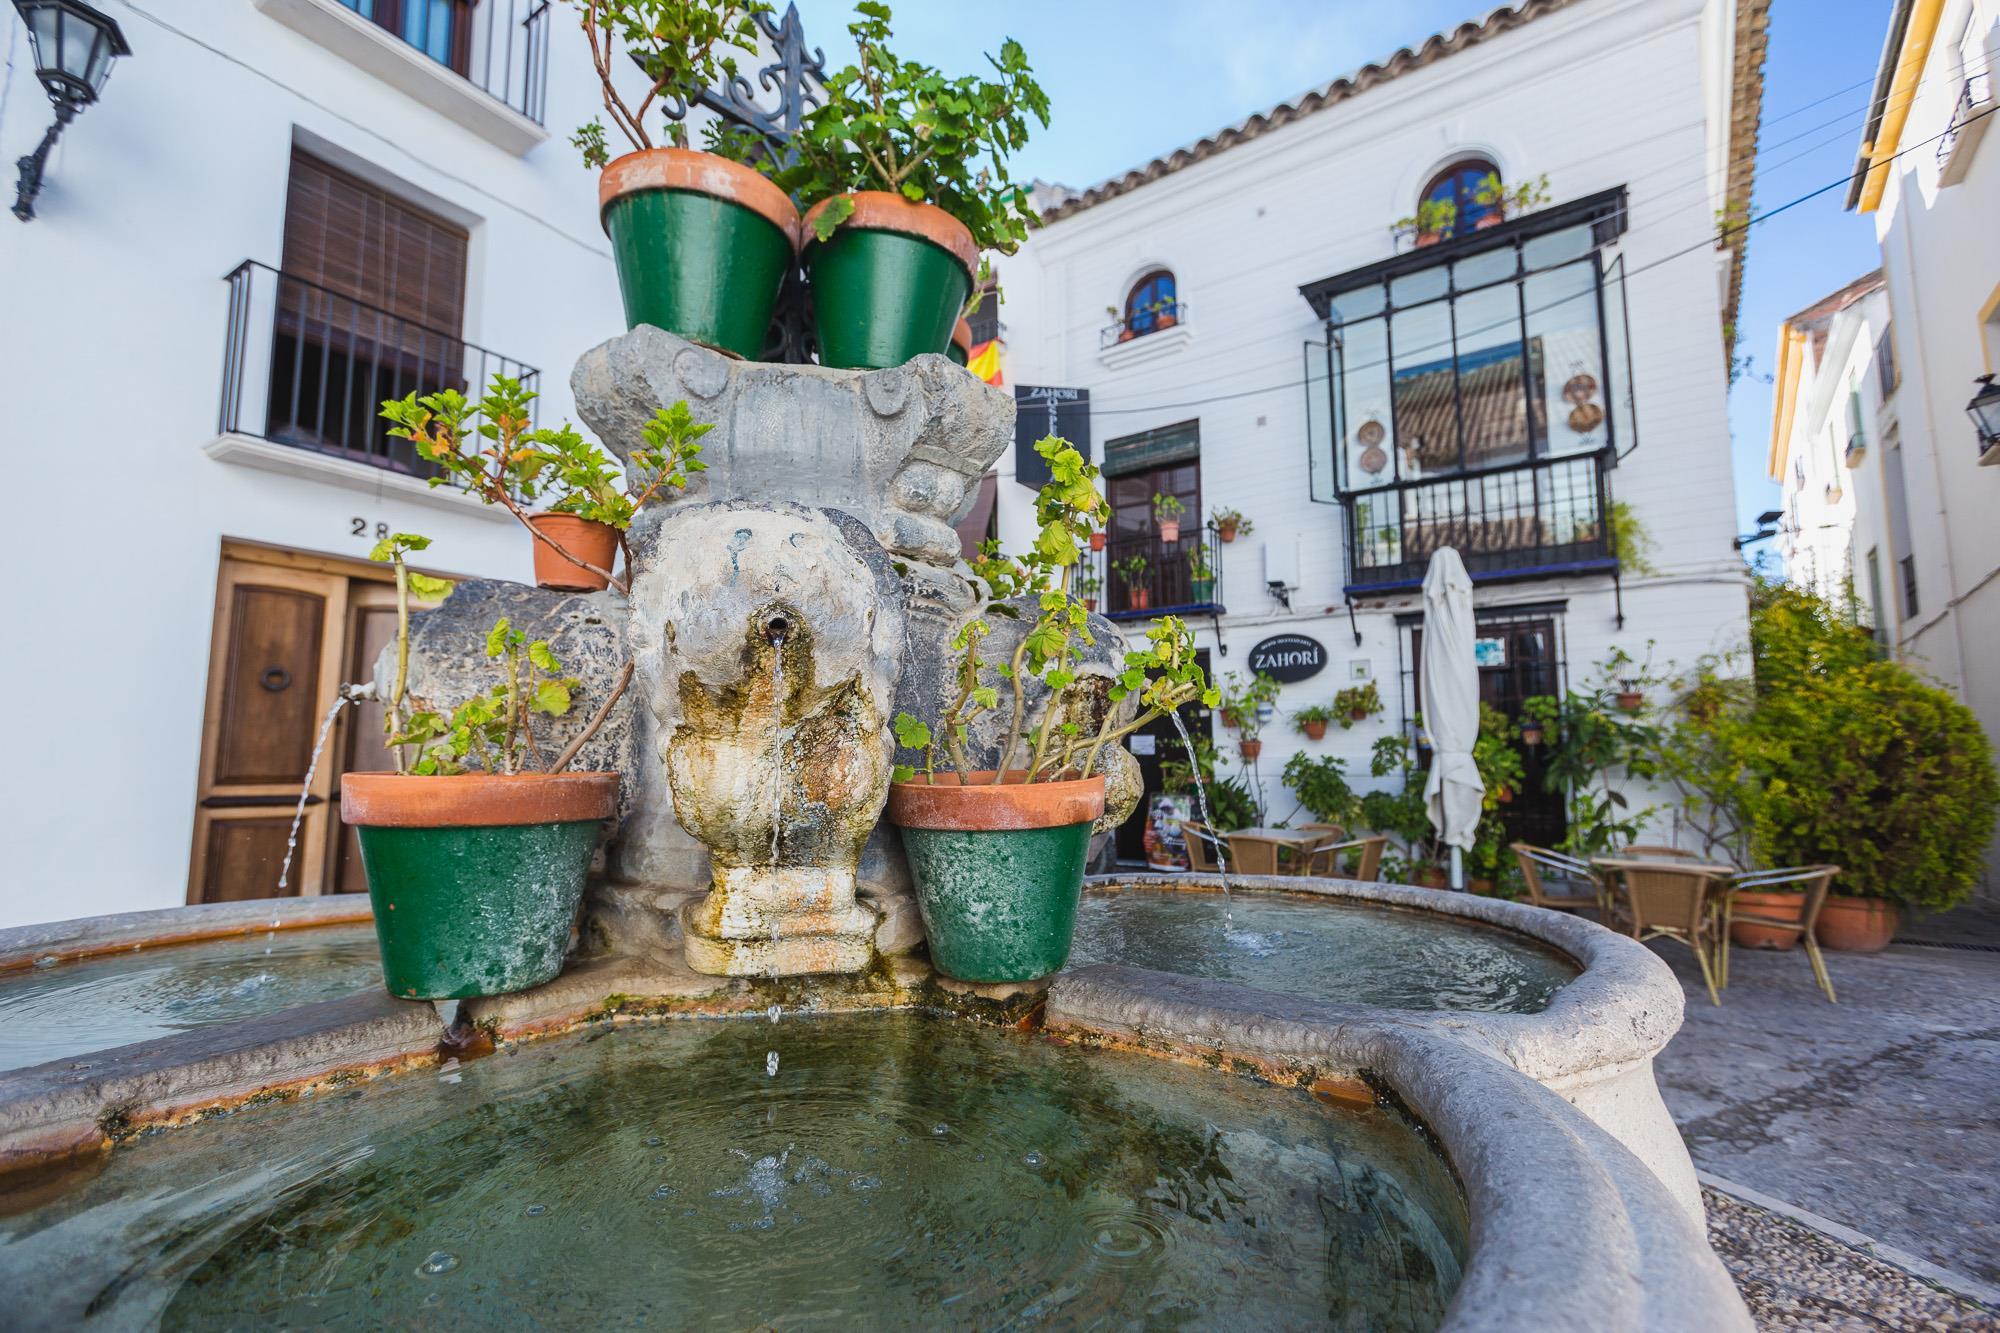 El borbotear de las fuentes es el hilo musical que acompaña en la ruta por el barrio de la Villa.